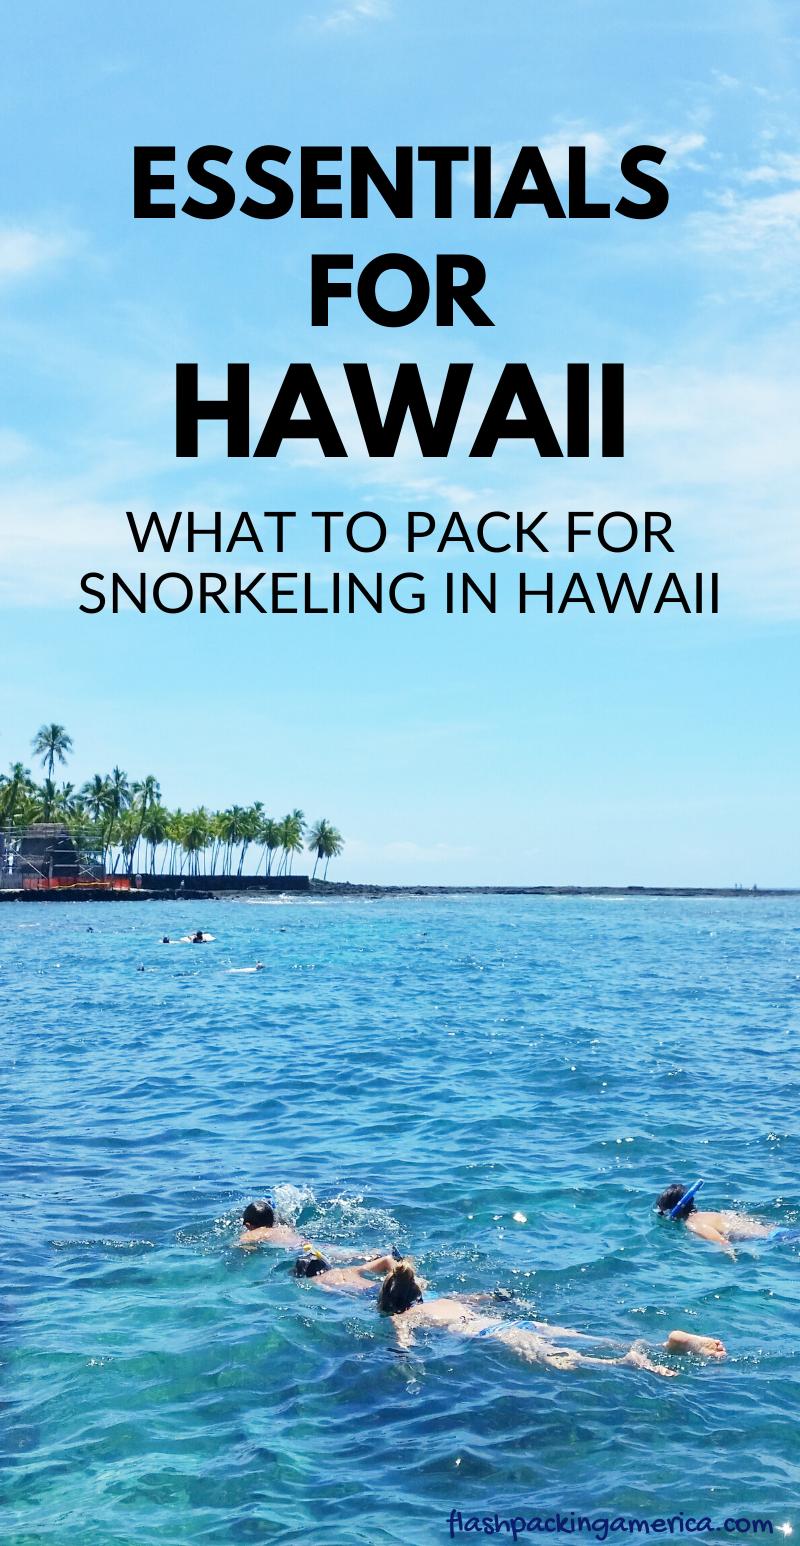 What to pack for Hawaii snorkeling packing list - Oahu, Maui, Big Island, Kauai